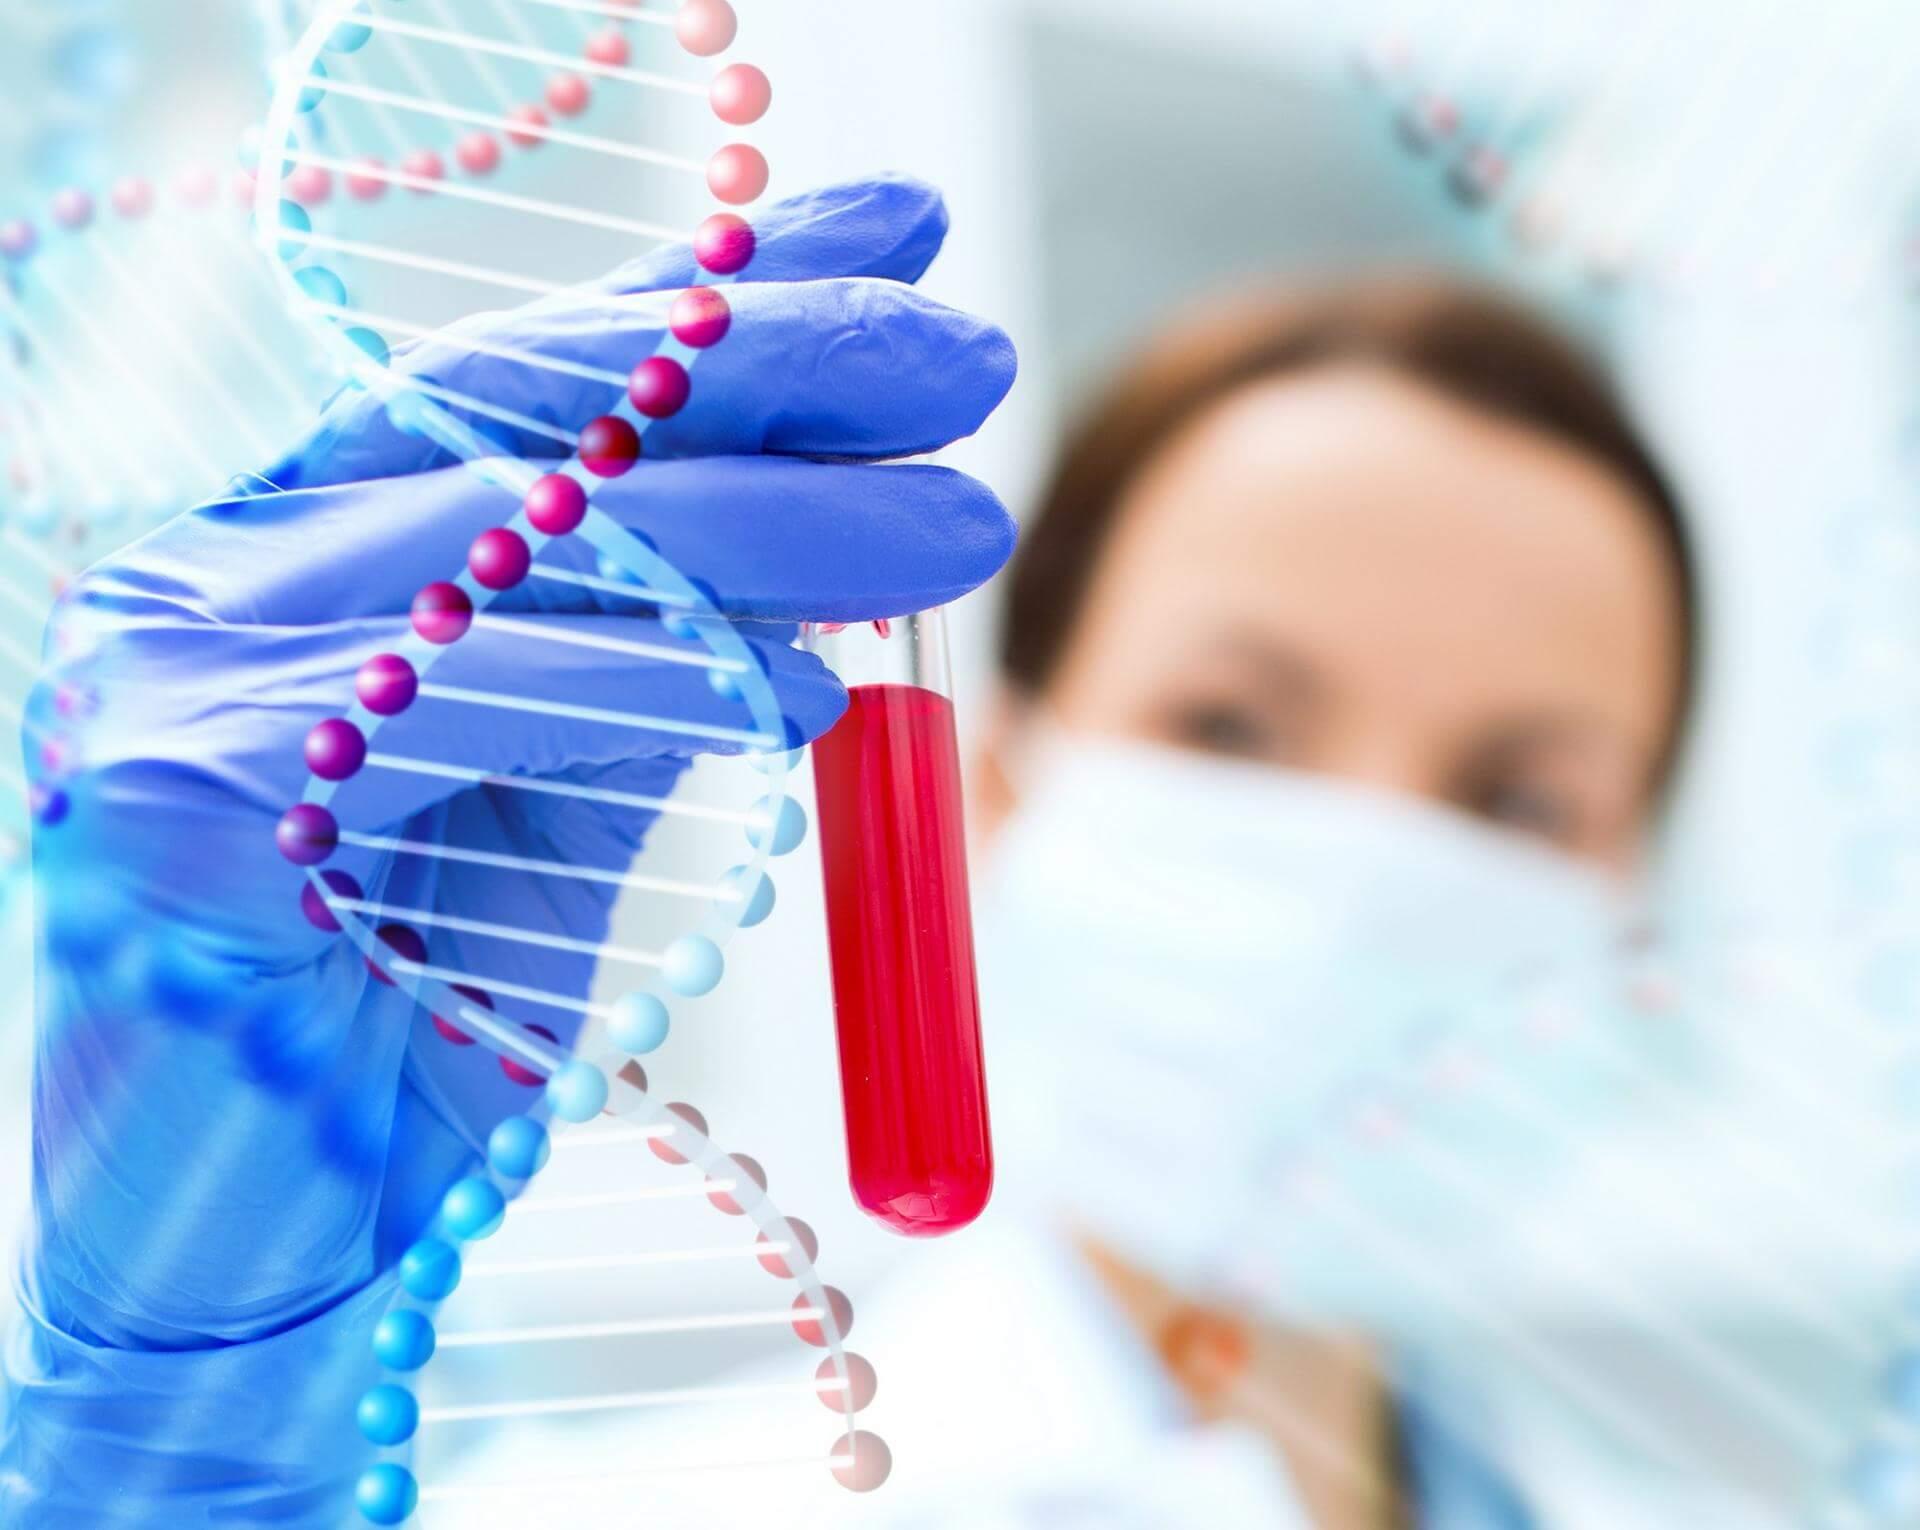 Группа крови и резус-фактор: совместимость родителей для зачатия ребенка